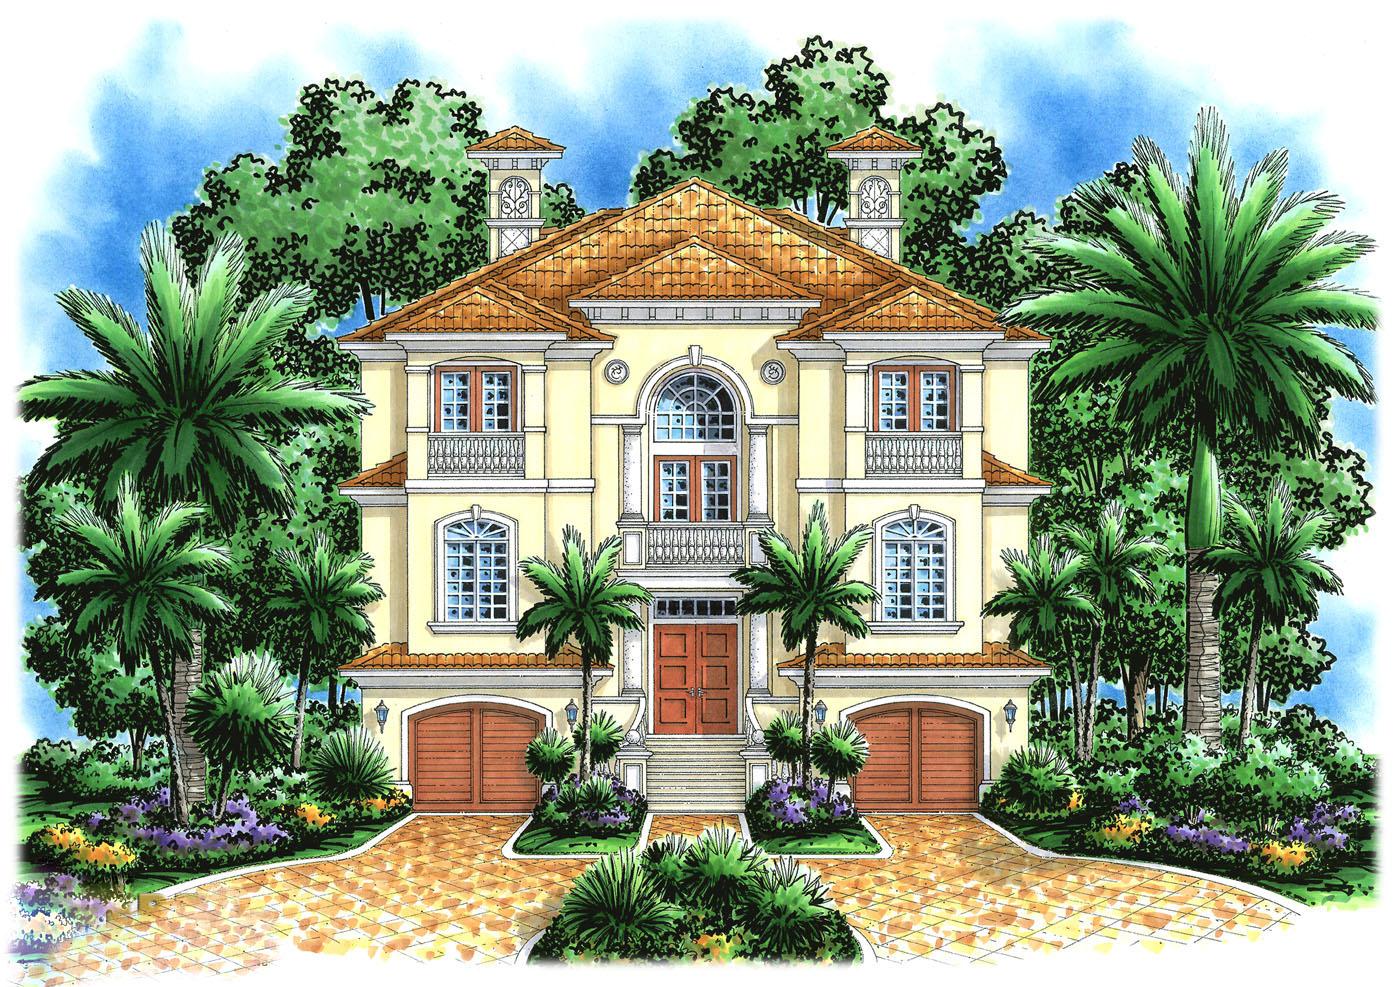 Mediterranean Home With Drive Under Garage 66193gw Architectural Designs House Plans